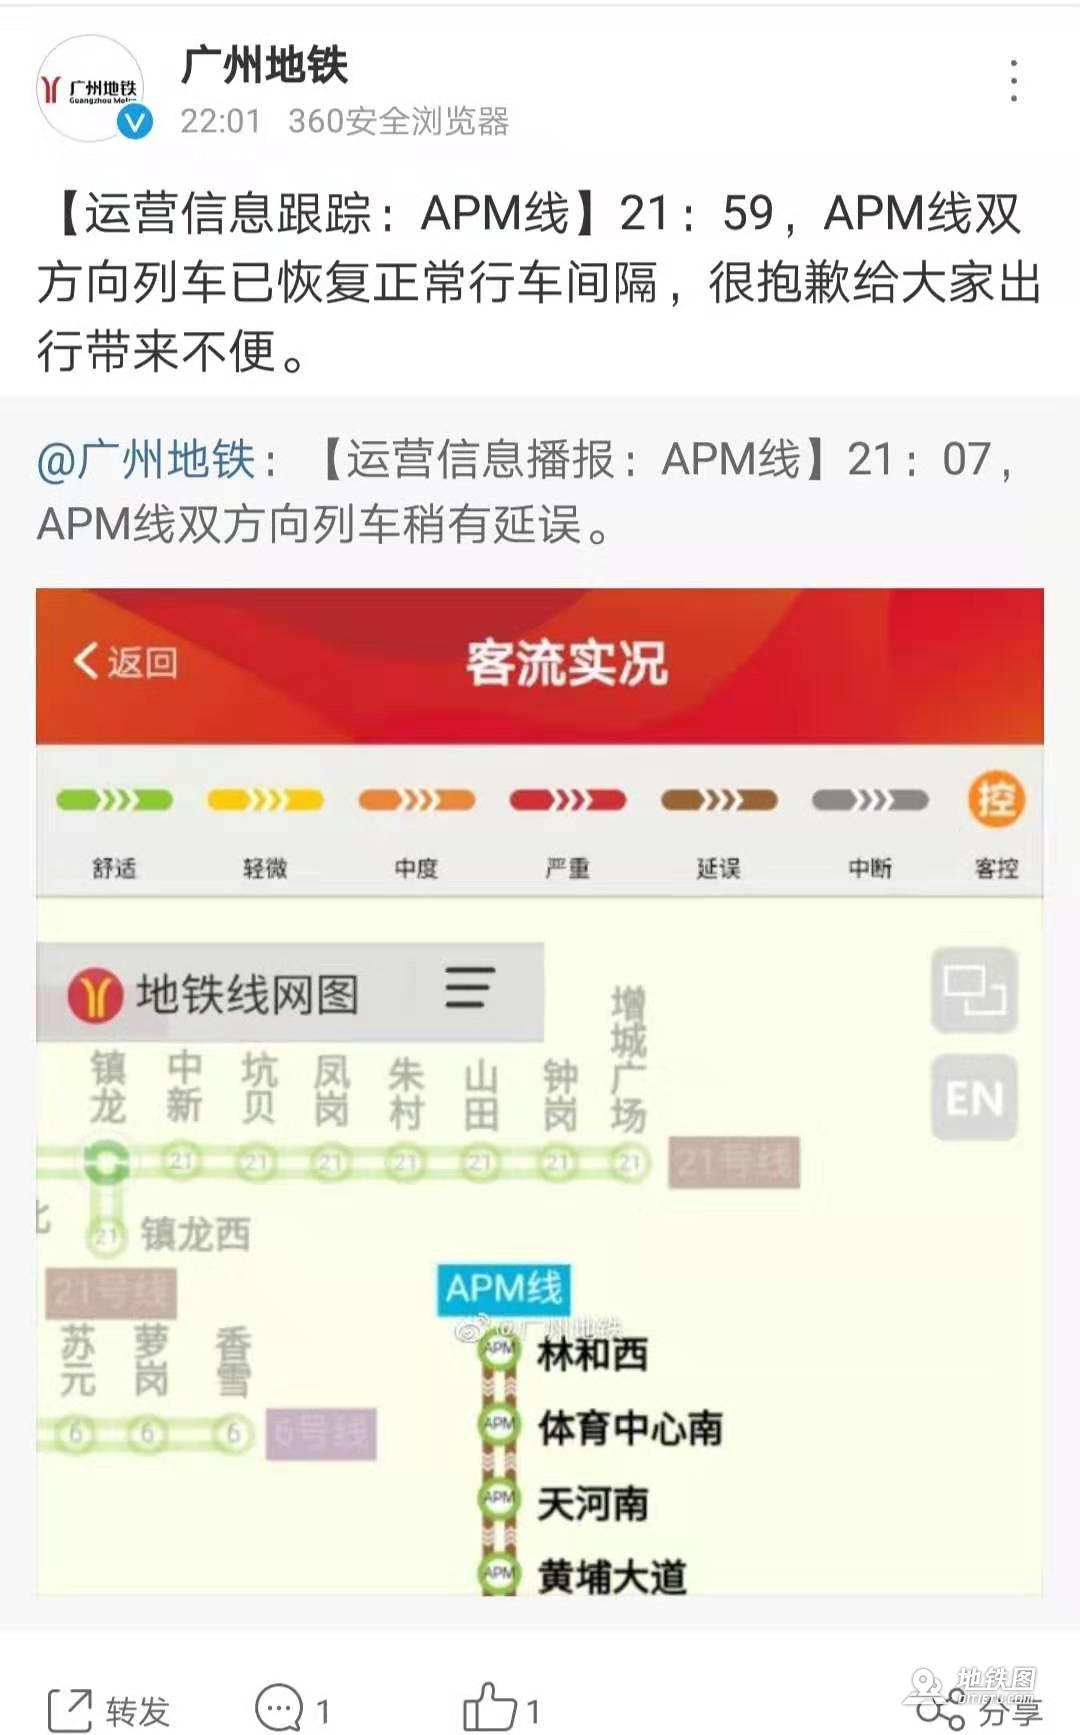 突发!广州地铁列车设备故障 APM线列车服务延误1小时